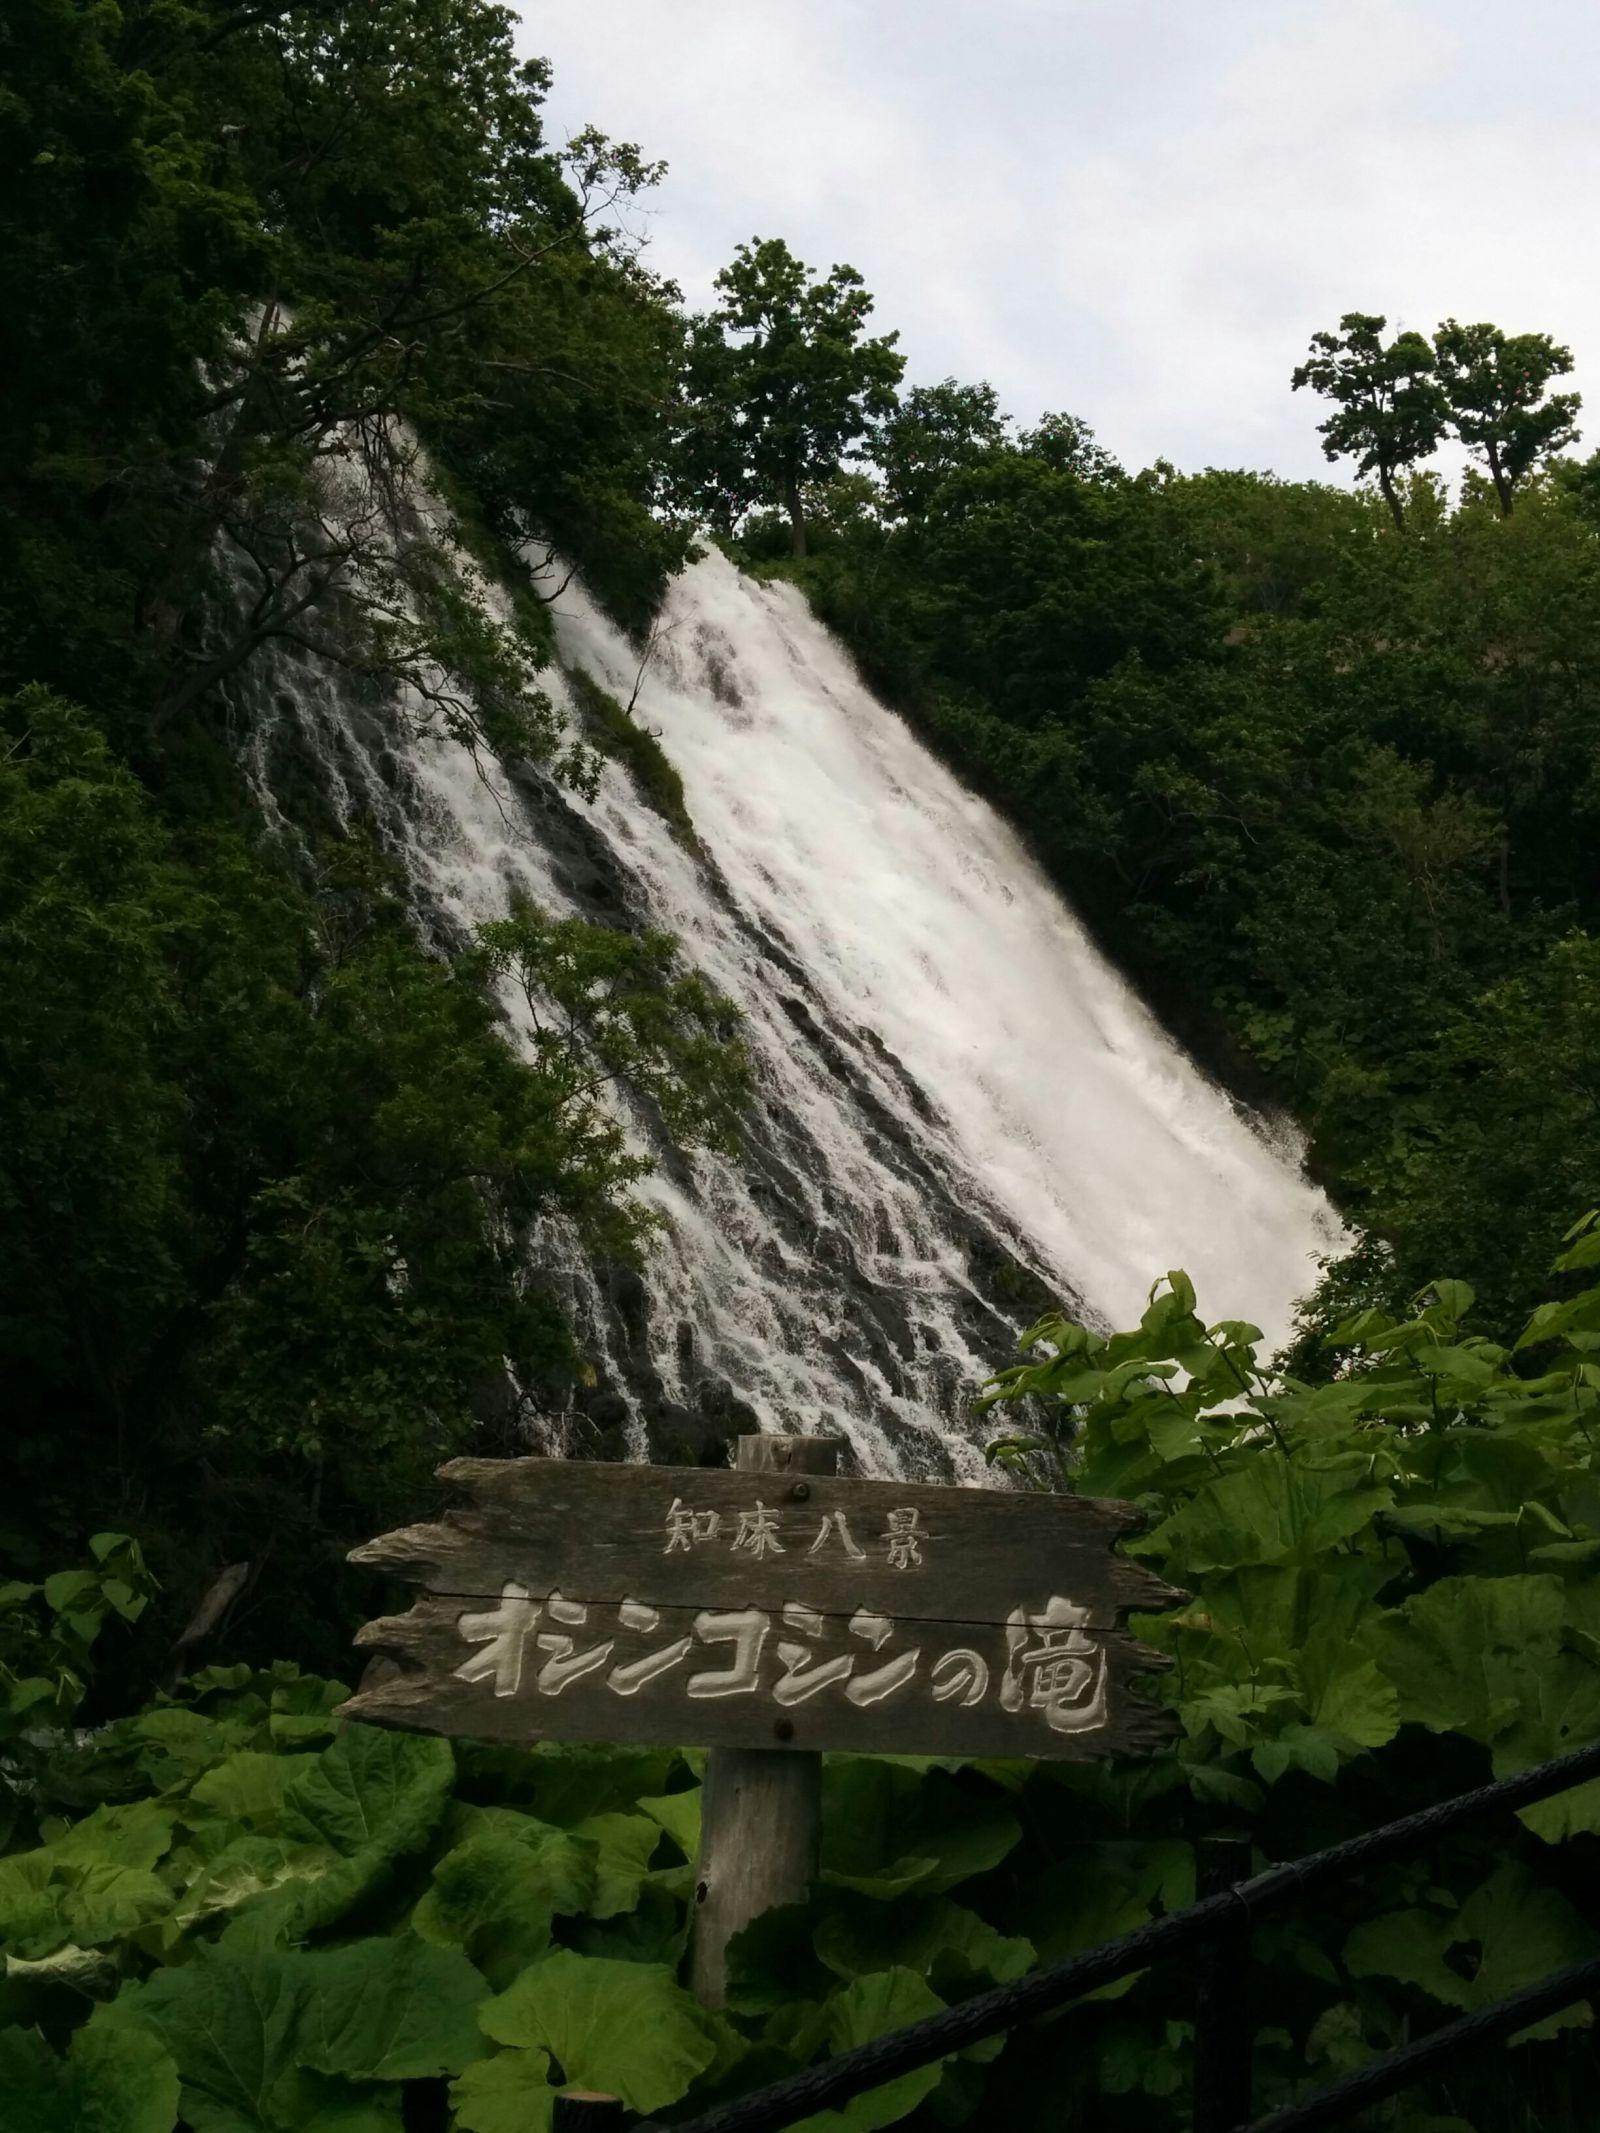 【知床宇登呂】オシンコシンの滝観光案内です。